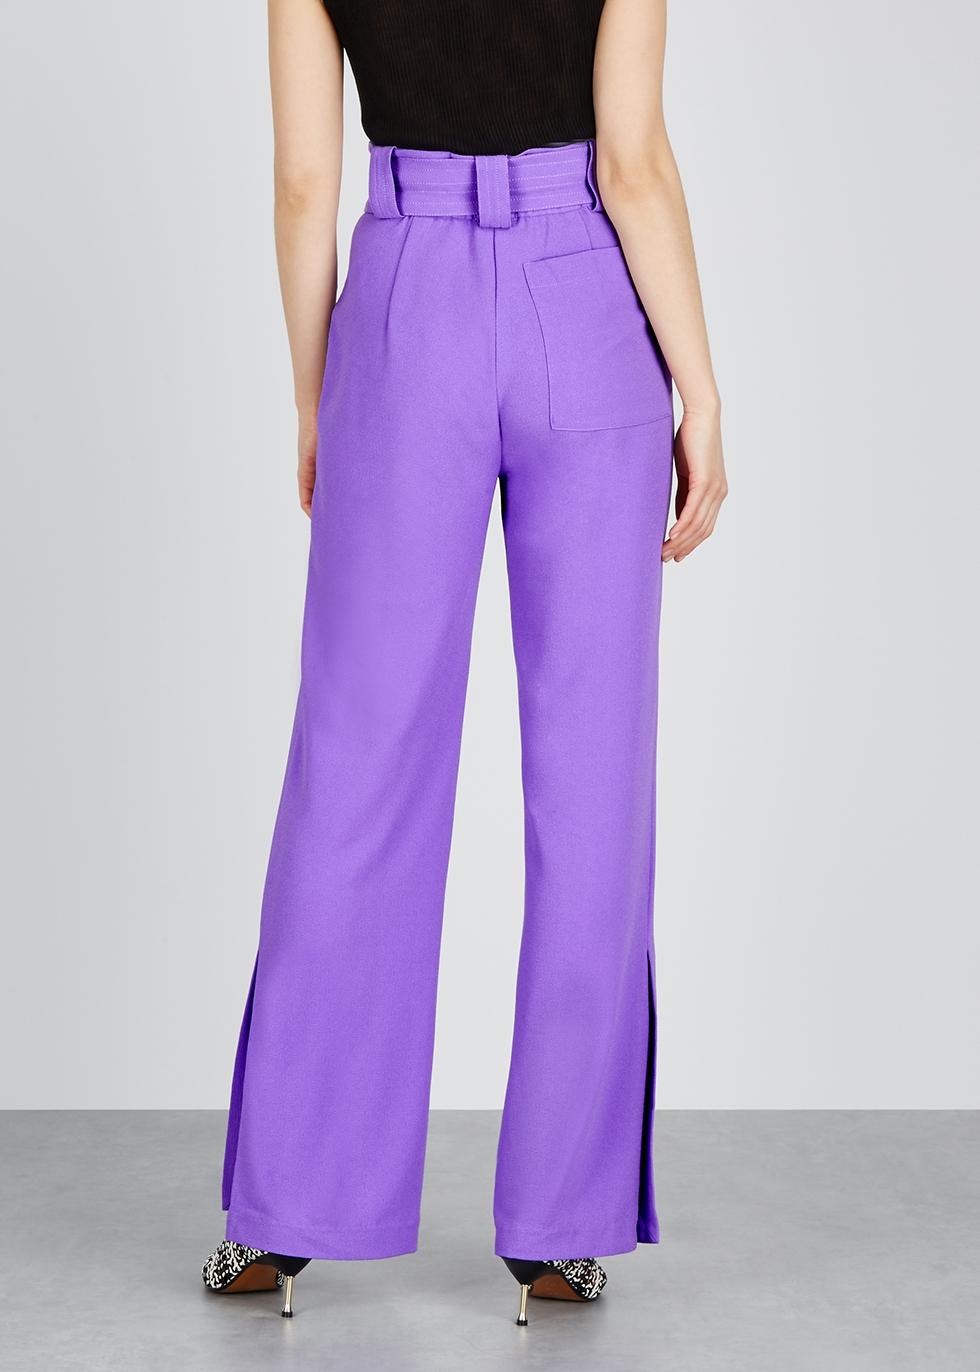 Elisa purple crepe trousers - Hofmann